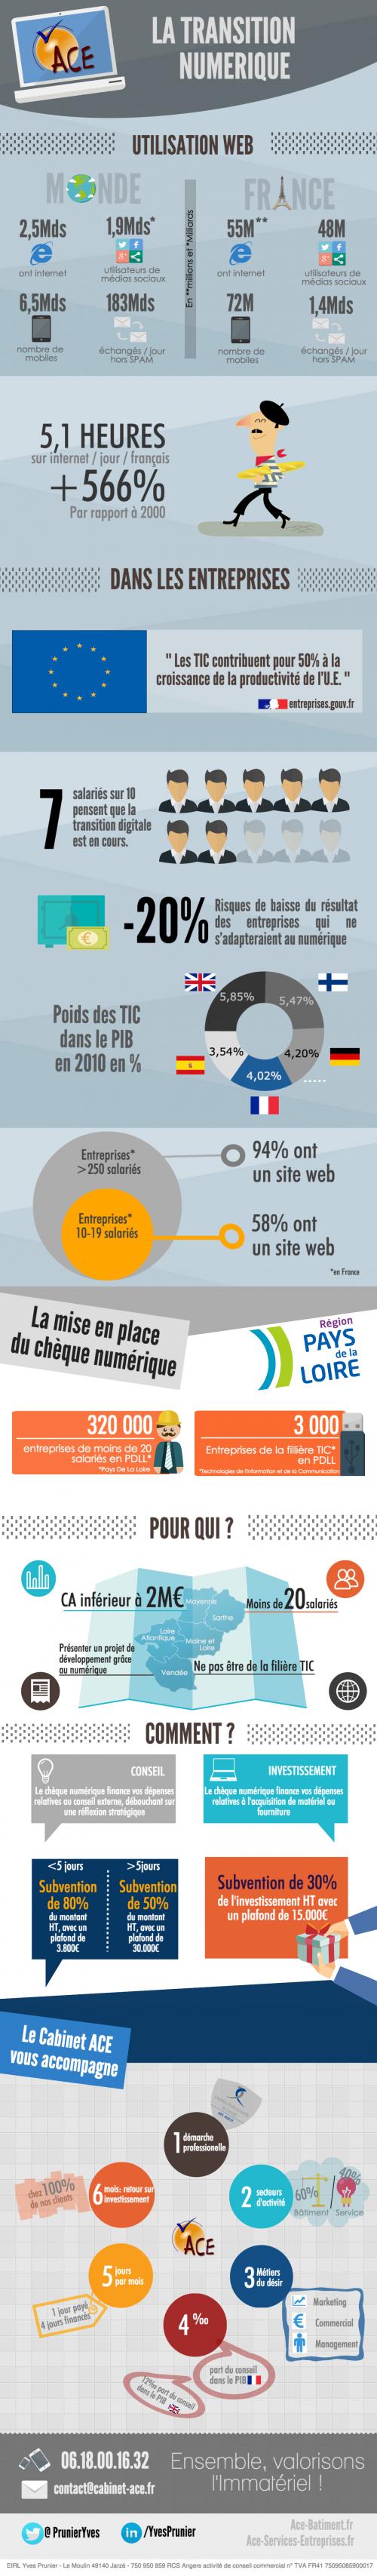 Infographie Transition Numérique